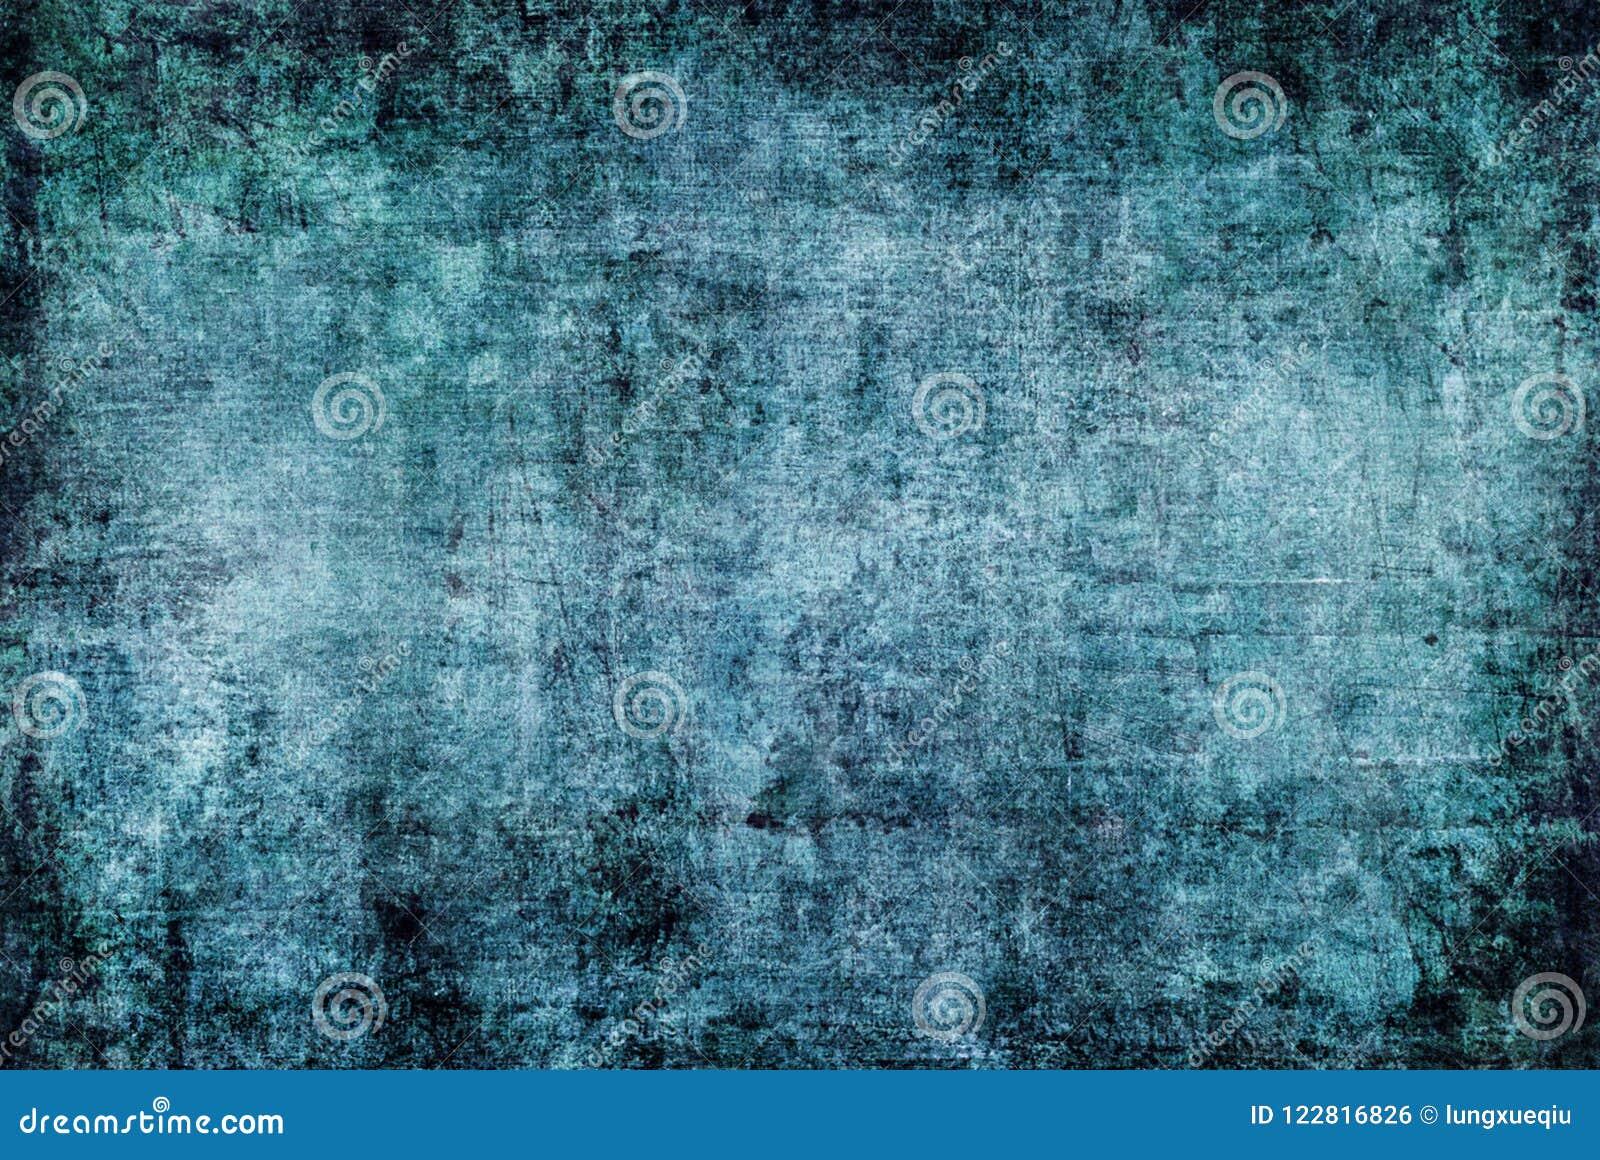 Grunge abstrato escuro Rusty Distorted Decay Old Texture do verde azul da pintura para Autumn Background Wallpaper